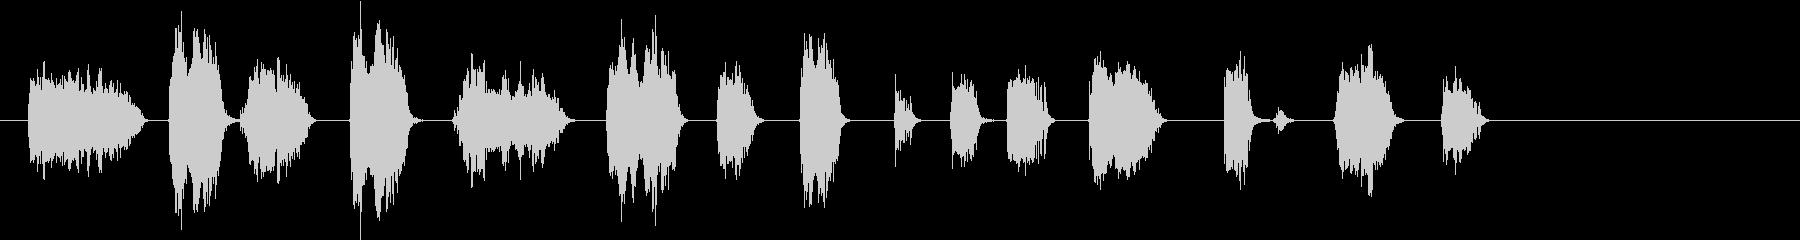 ドアクリーク;ウッドドアクリーク、...の未再生の波形